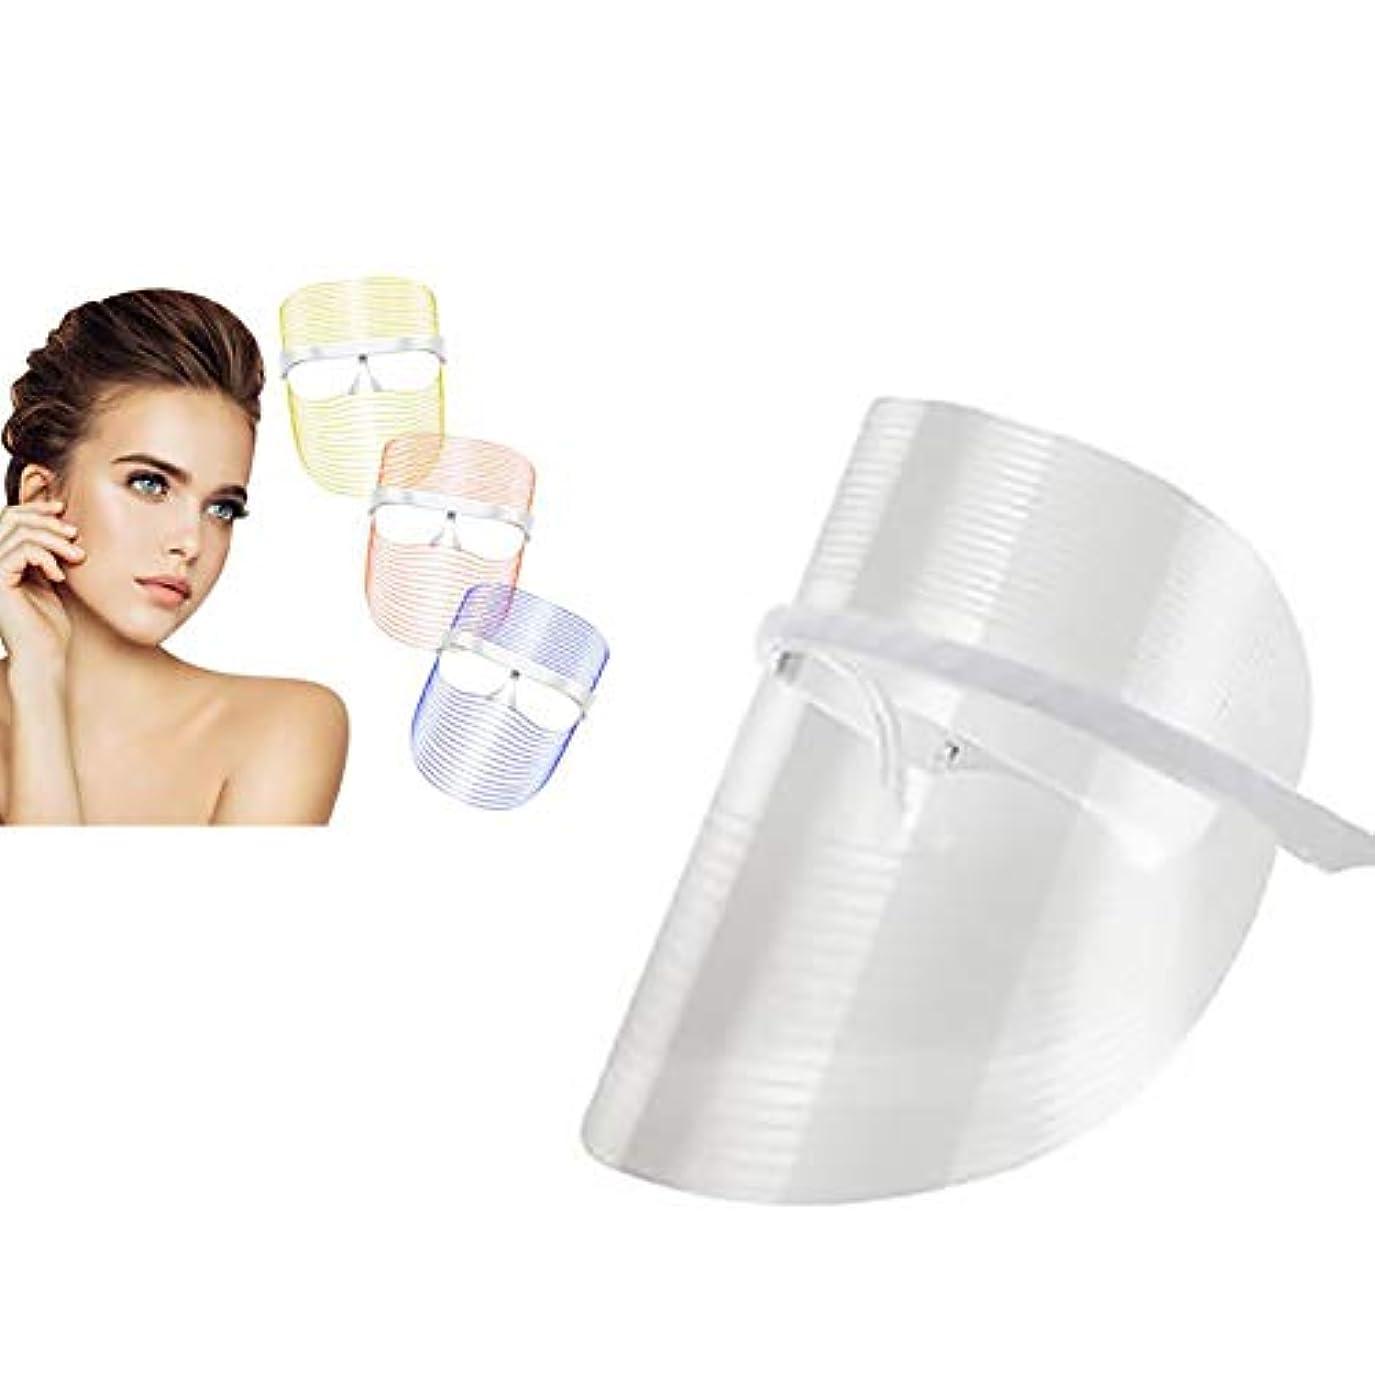 隠すまだらたらい3色LEDライトセラピーフェイスマスク美容器具フェイシャルスパトリートメントアンチエイジングアンチアクネシワ除去